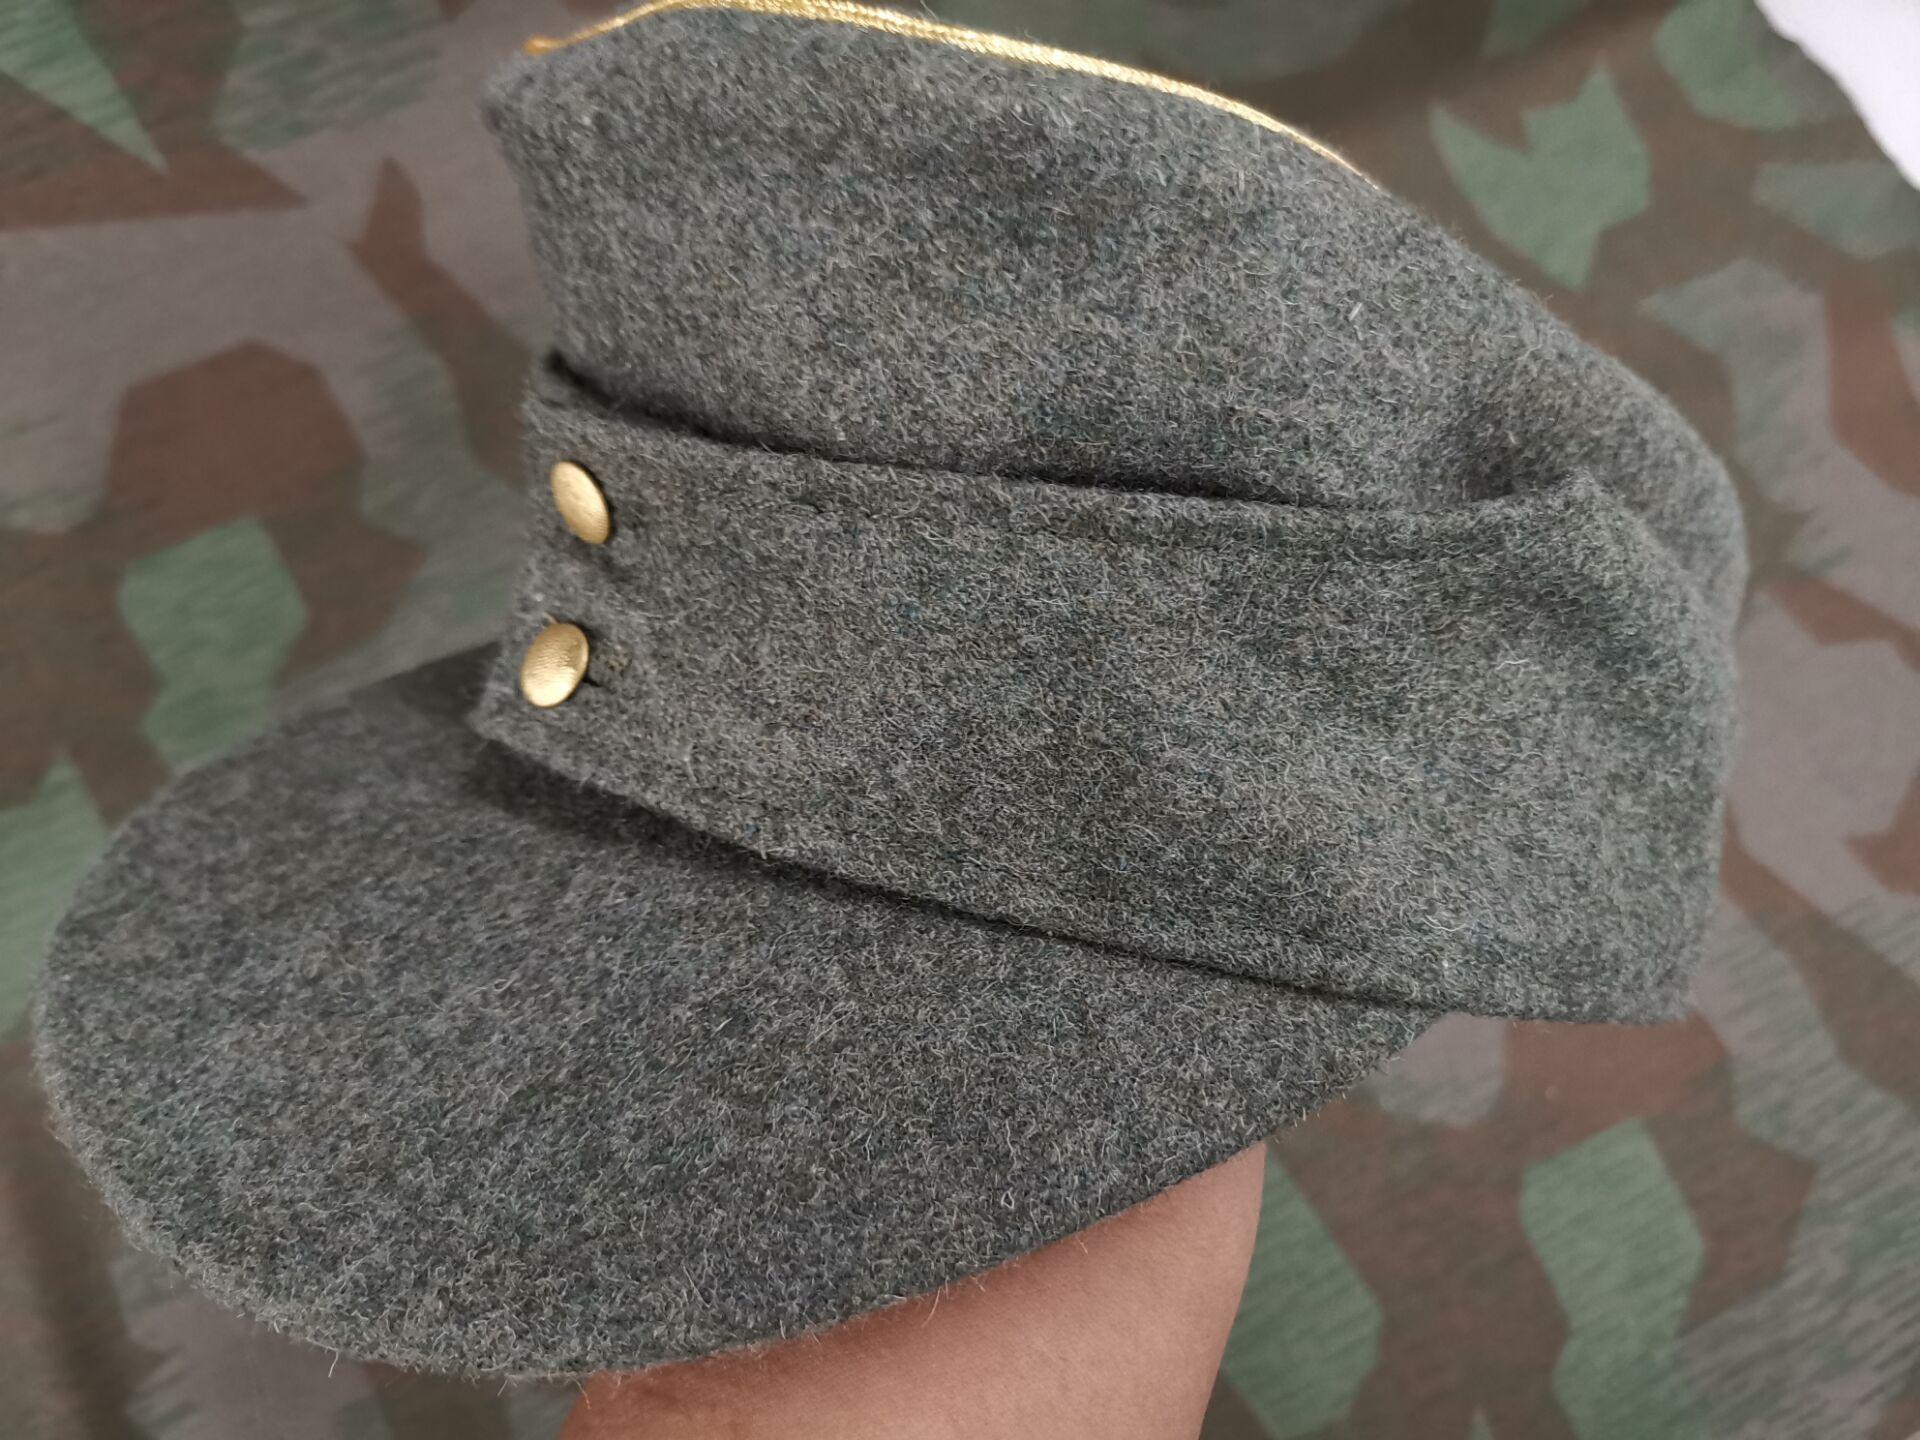 WW2 E.M.D. M43 ضابط قبعة ، صوف